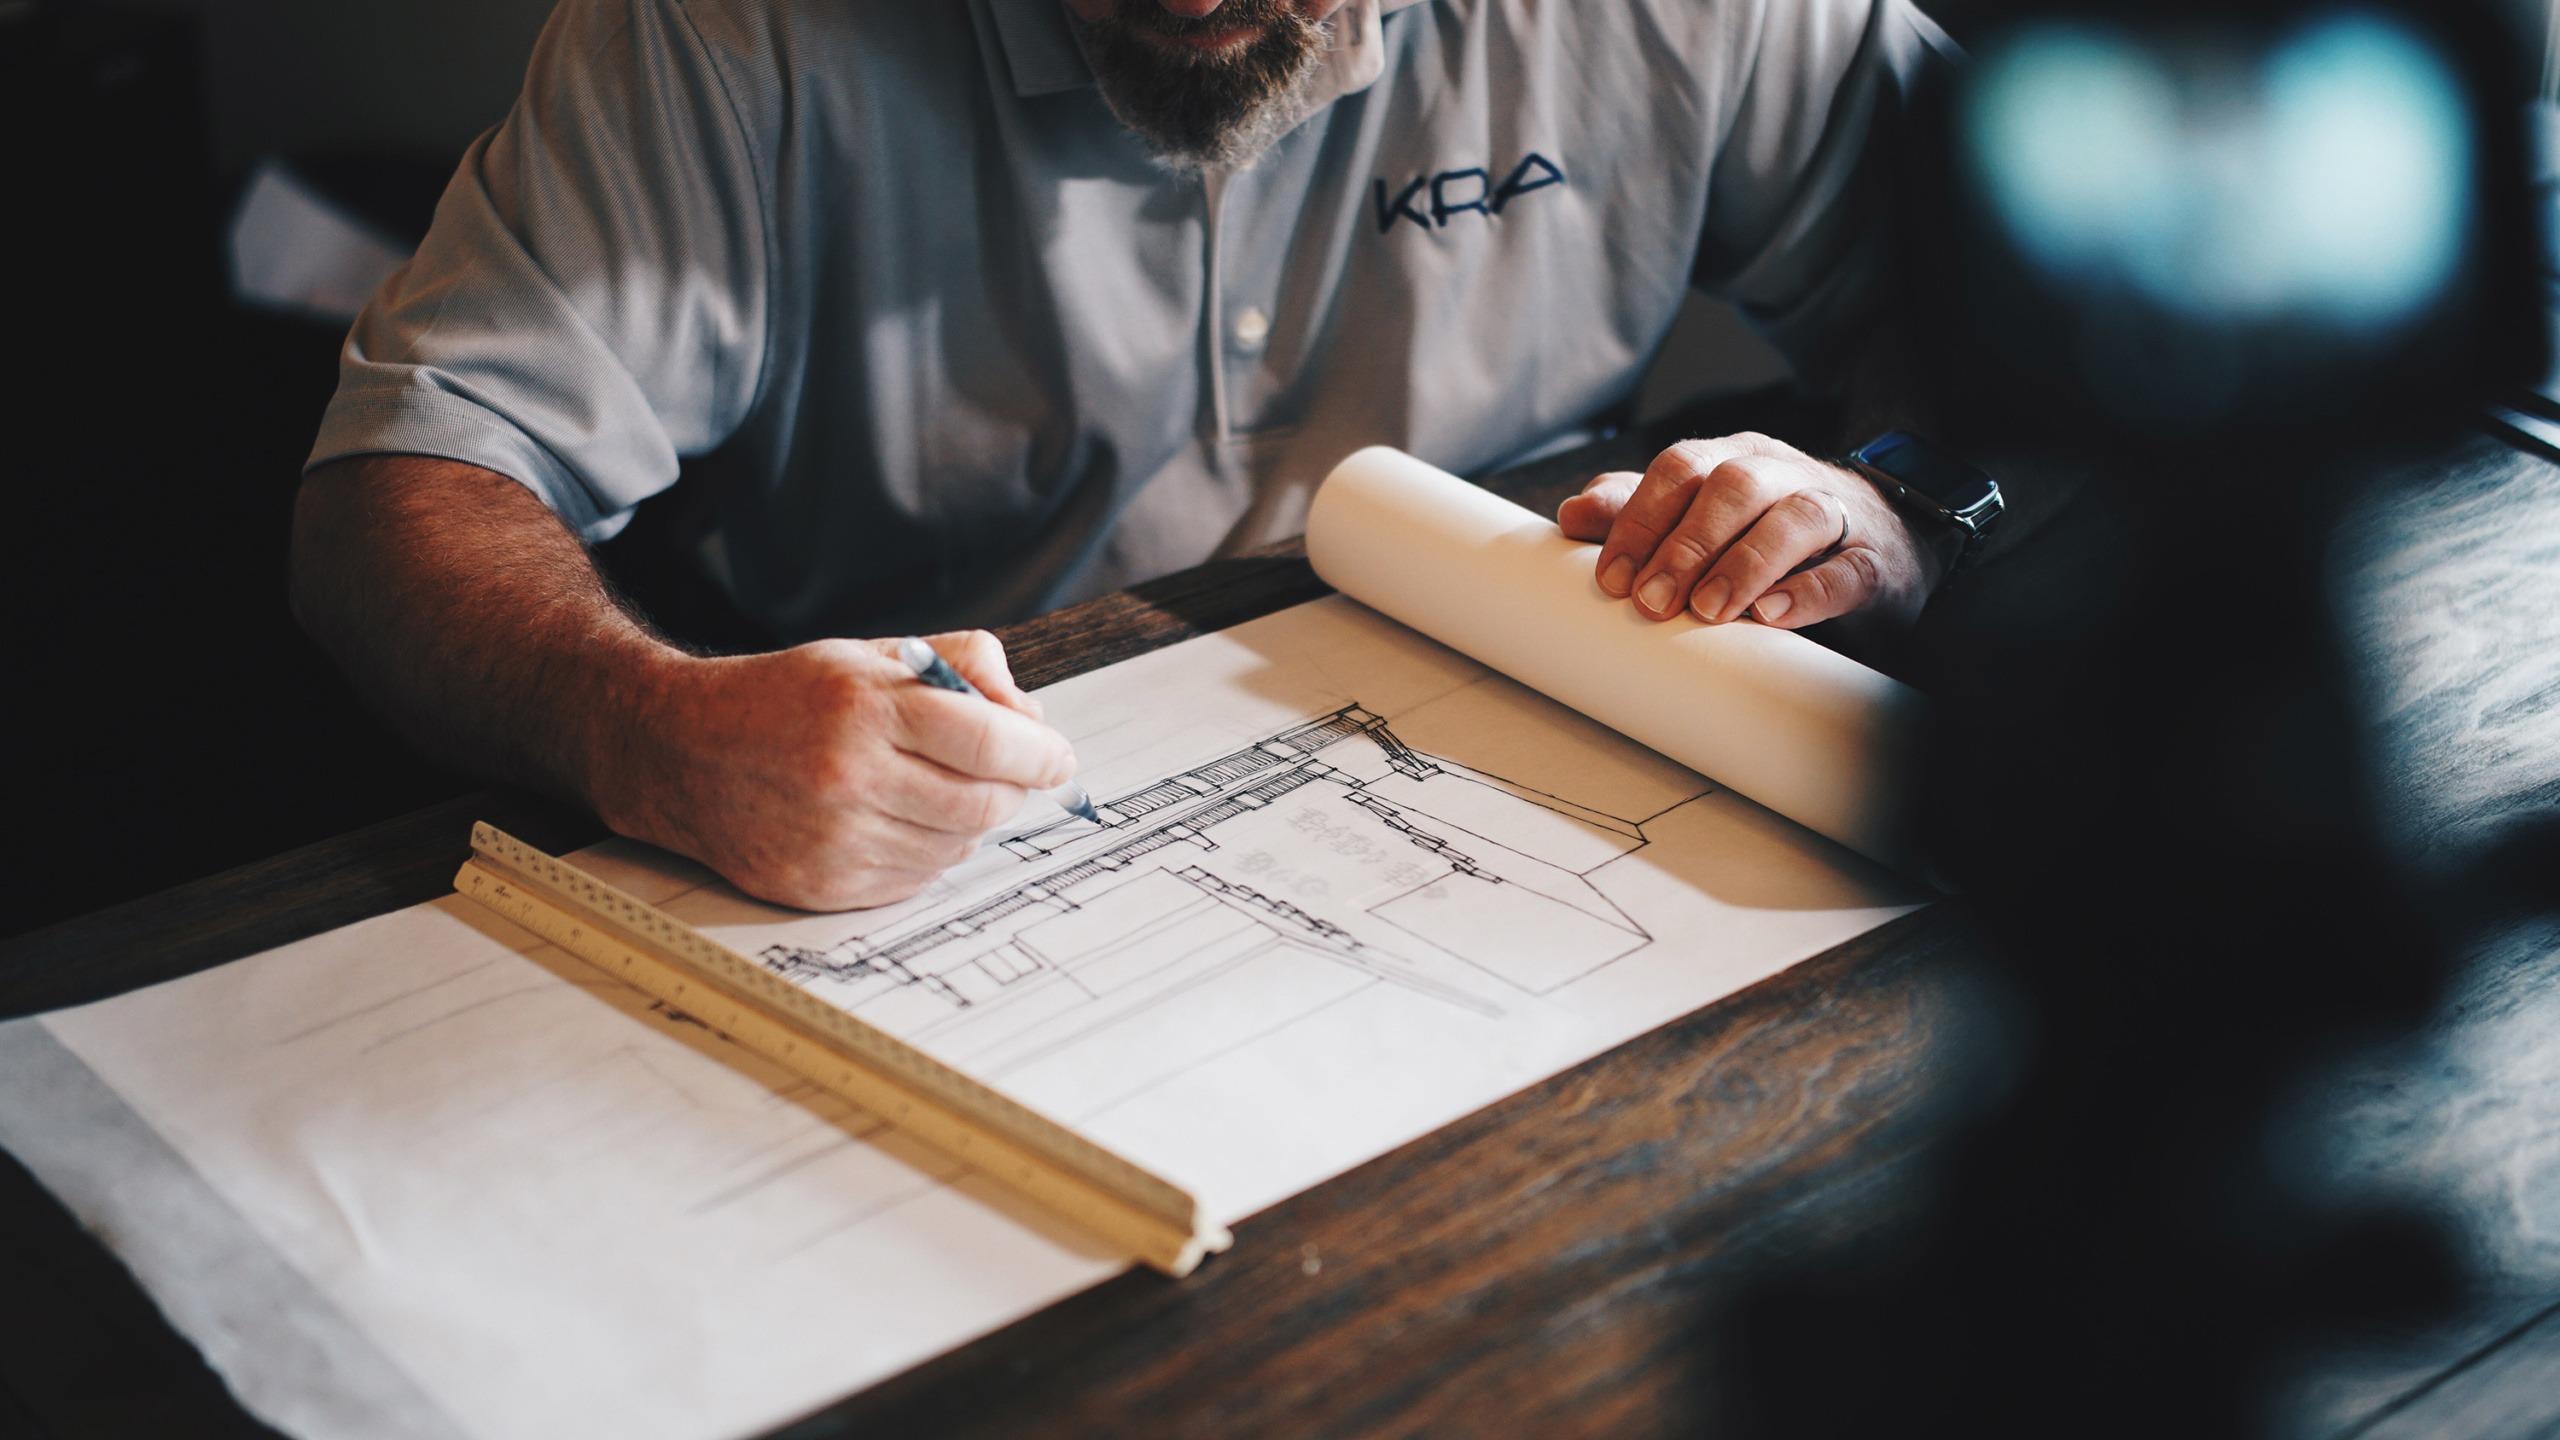 UPLOADING 1 / 1 – architects fee scales uk 2020.jpg ATTACHMENT DETAILS architects fee scales uk 2020